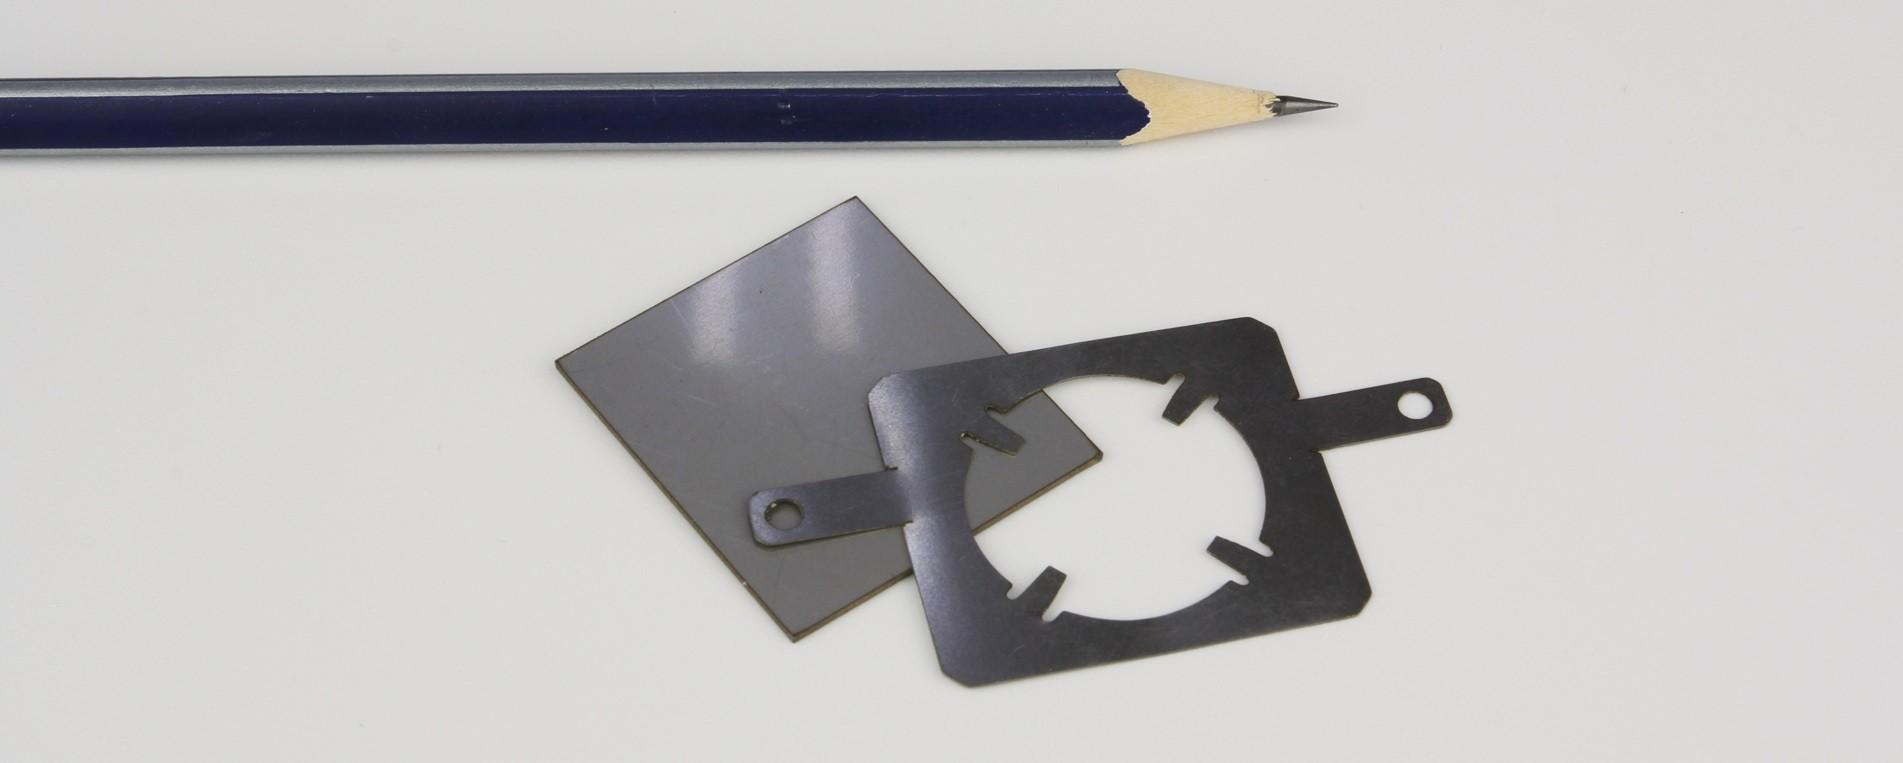 """חיתוך בלייזר של חלק מפלדה בלתי מחלדה בעובי 0.5 מ""""מ"""